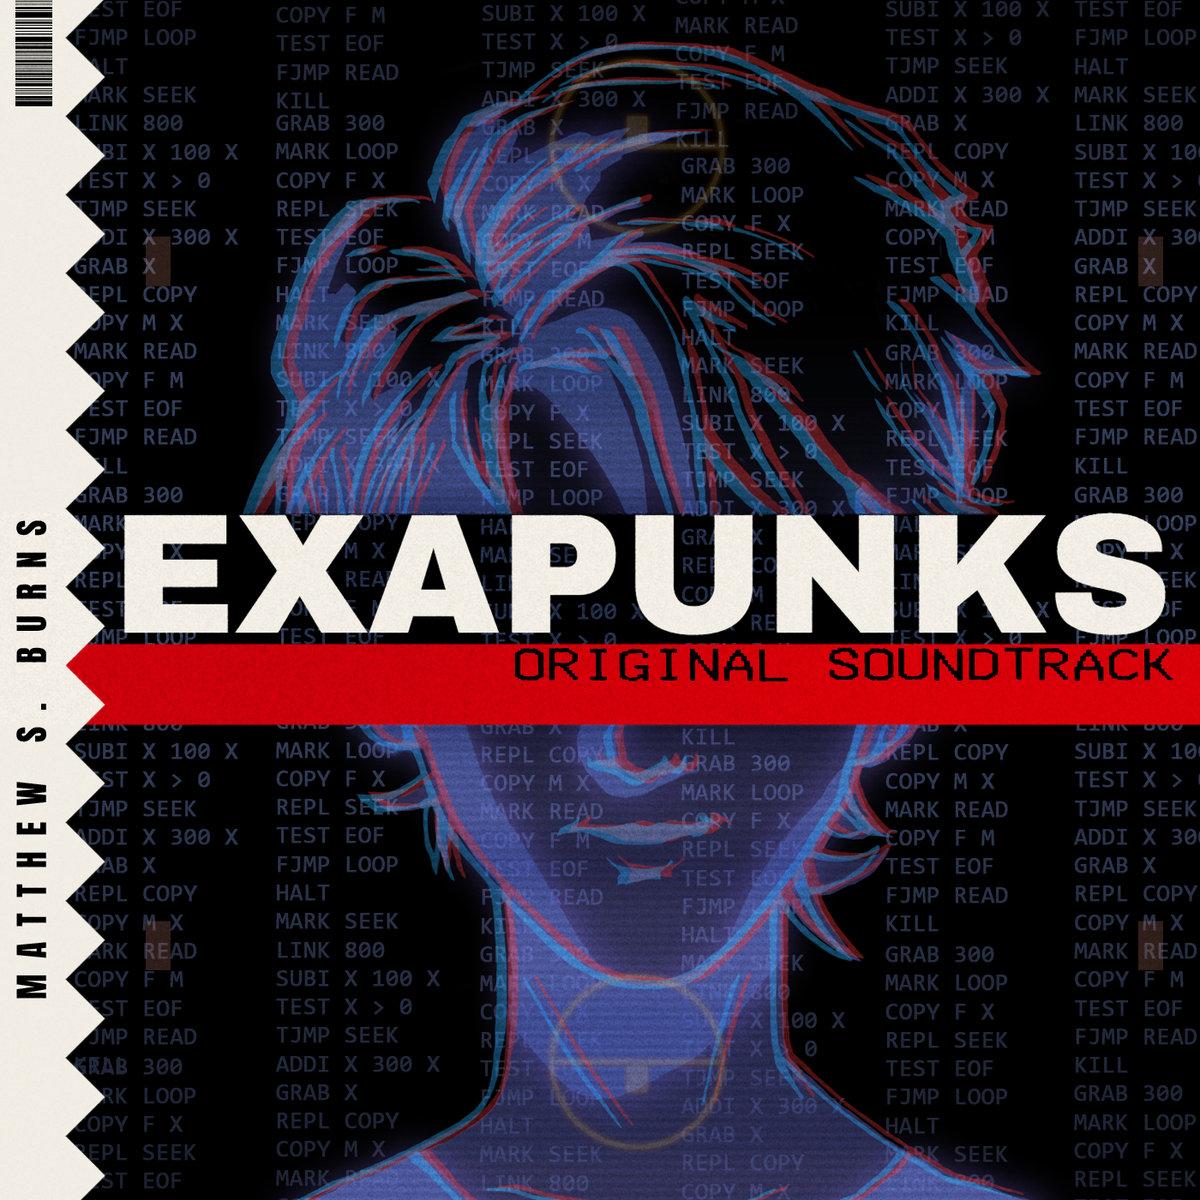 EXAPUNKS Original Soundtrack